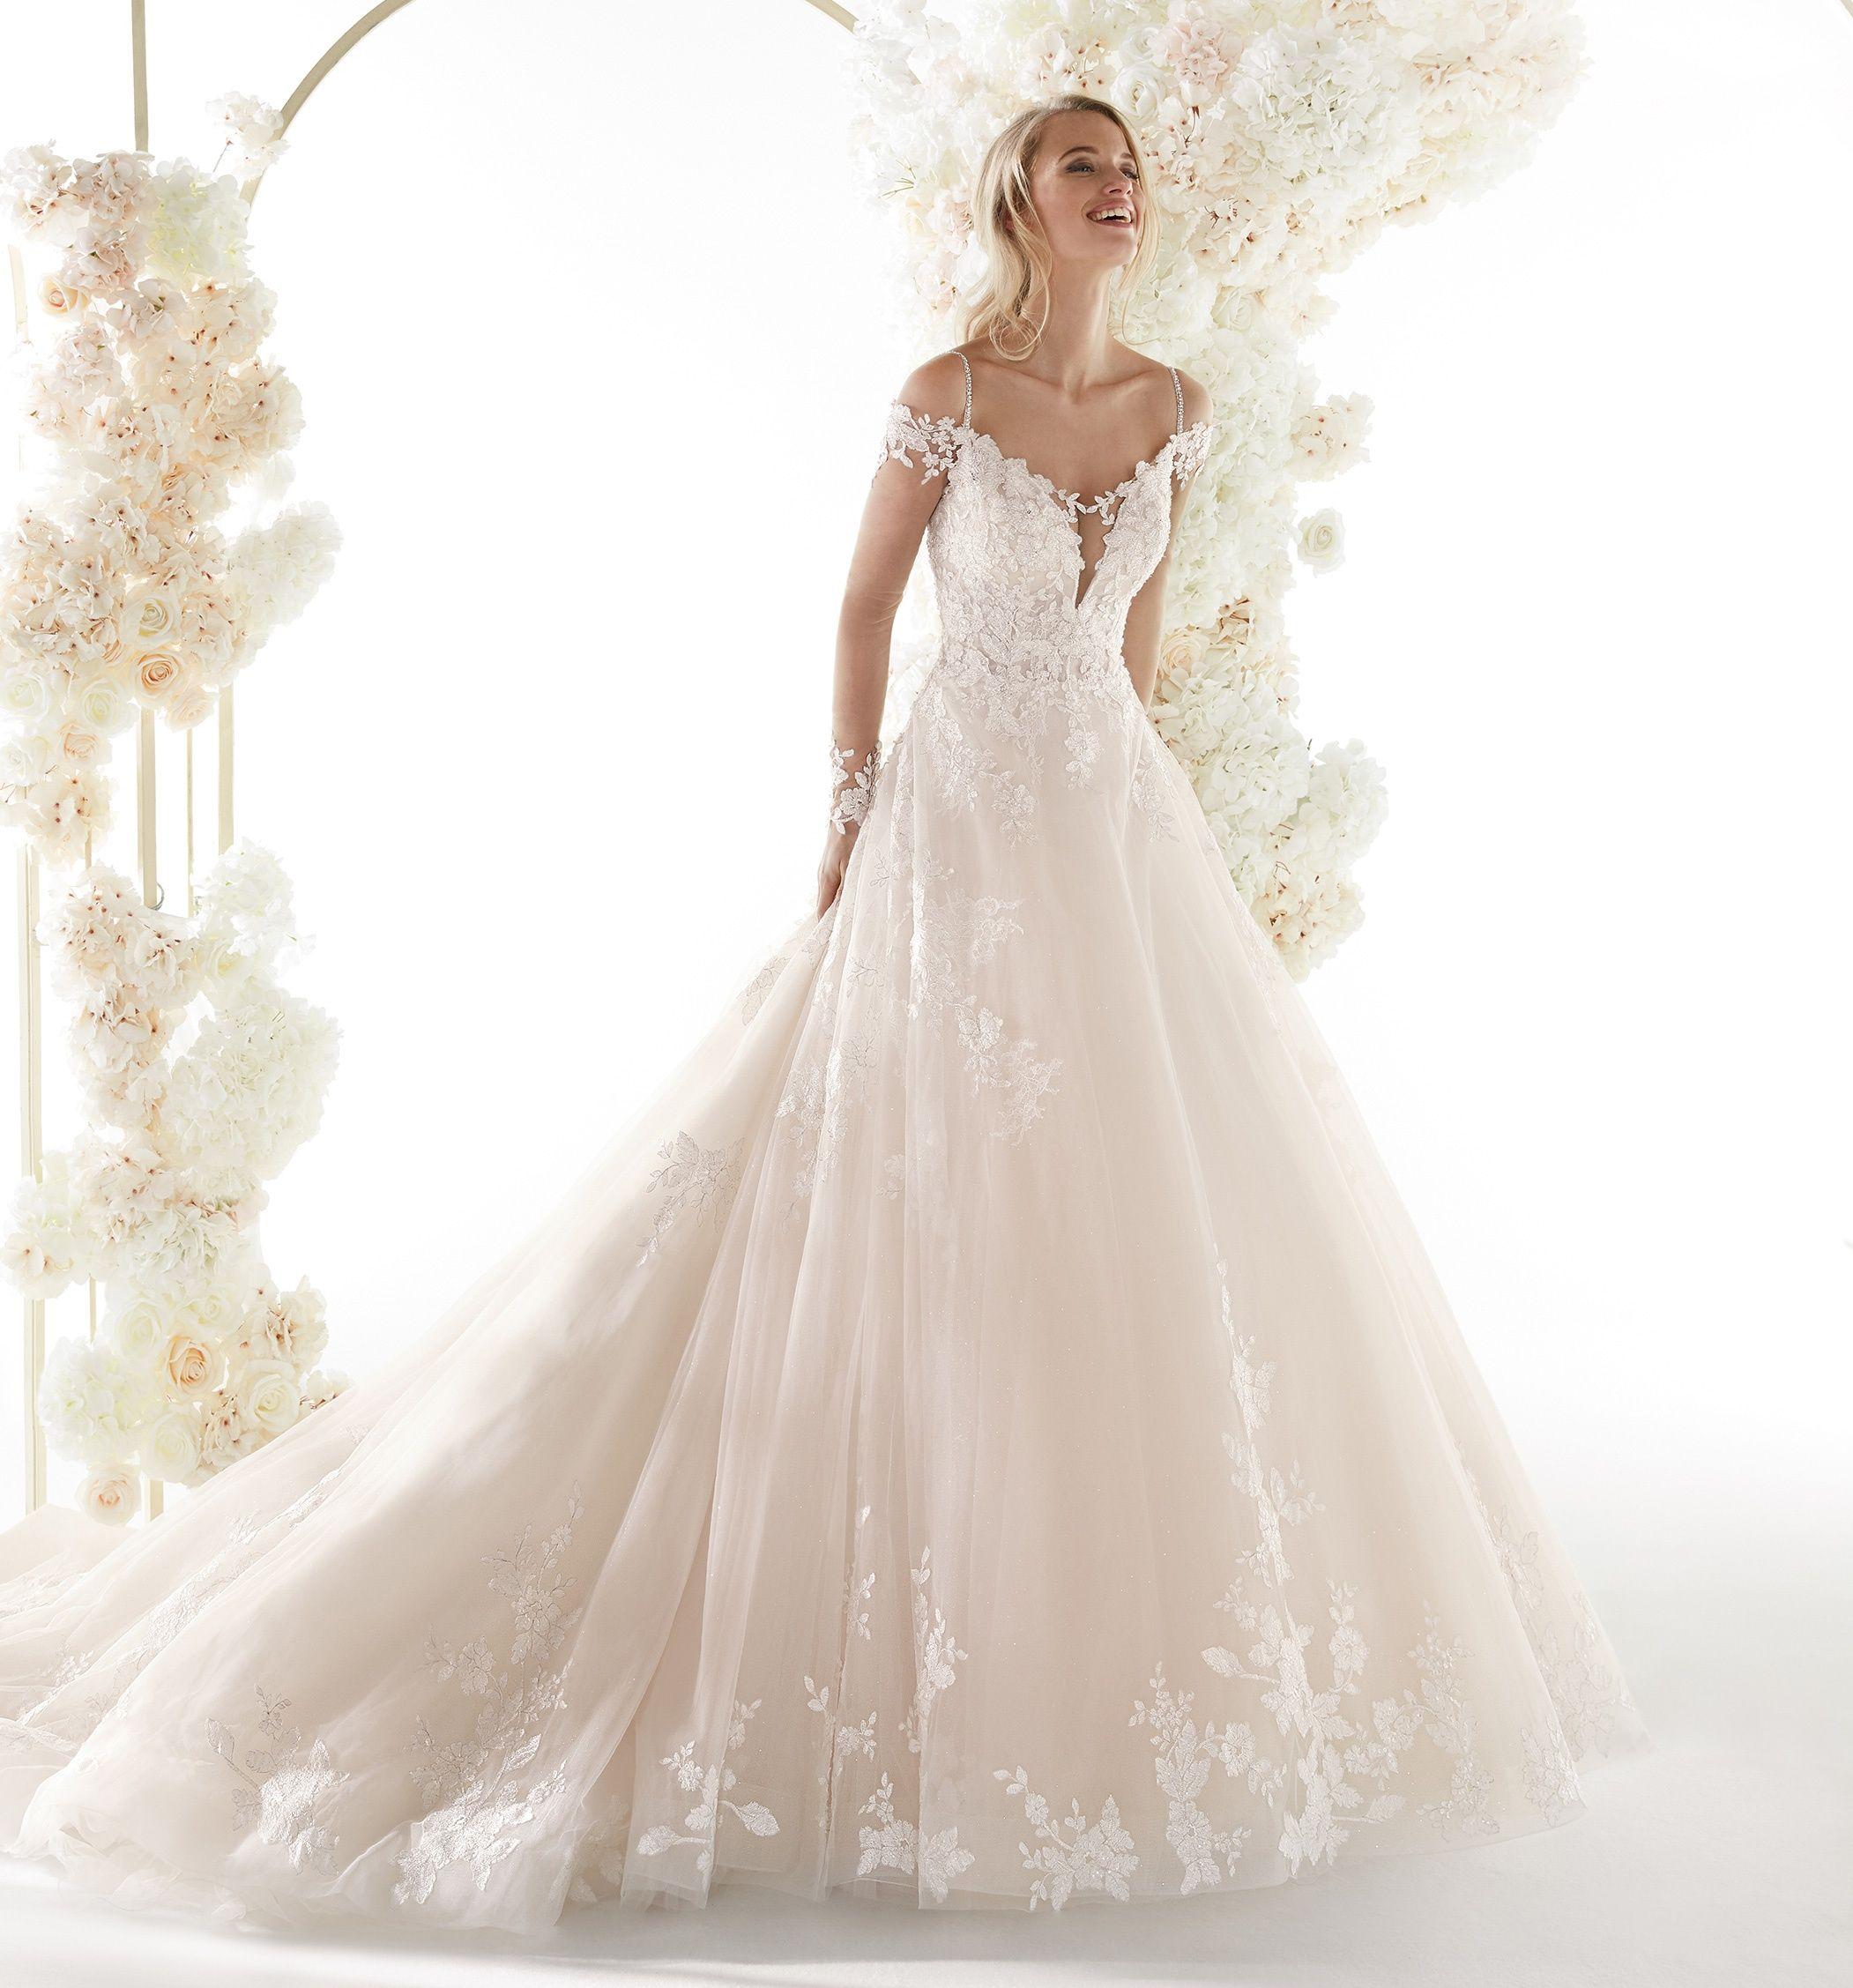 Moda Sposa 2020 Collezione Colet Coa20681 Abito Da Sposa Nicole Abiti Da Sposa Laccio Abito Da Sposa Sposa